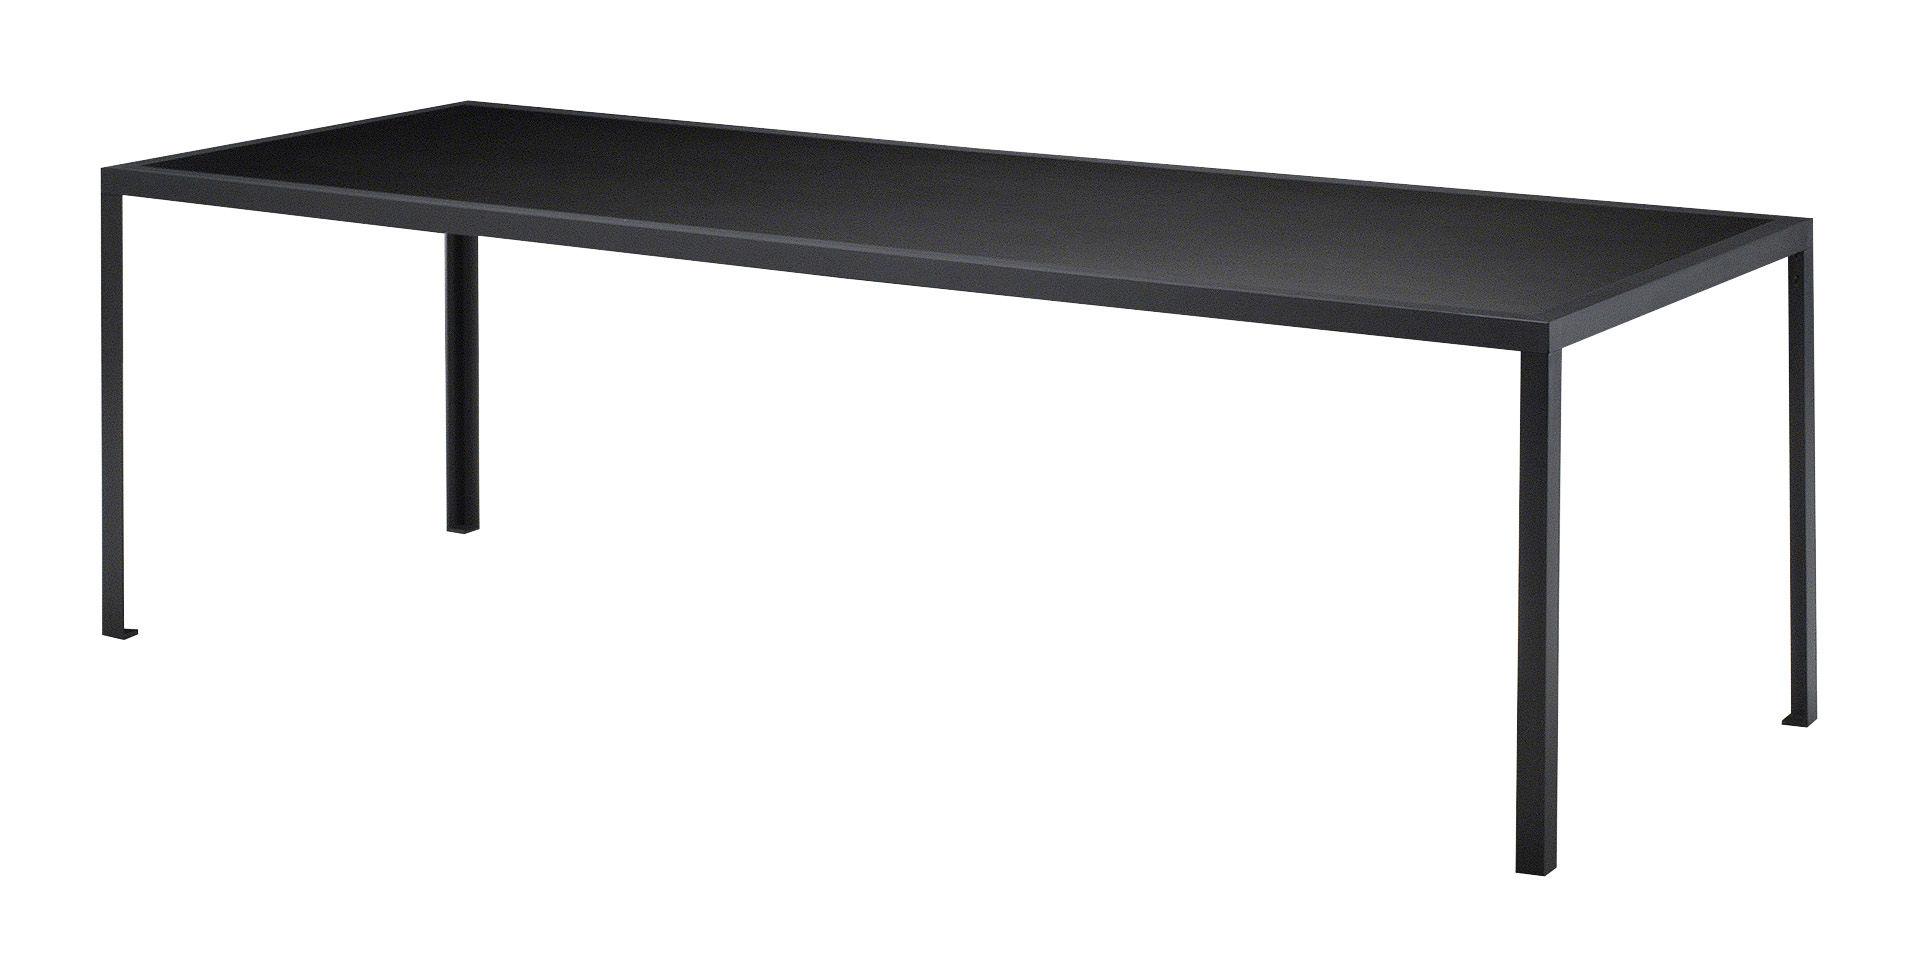 table tavolo 200 x 90 cm plateau linoleum noir zeus. Black Bedroom Furniture Sets. Home Design Ideas